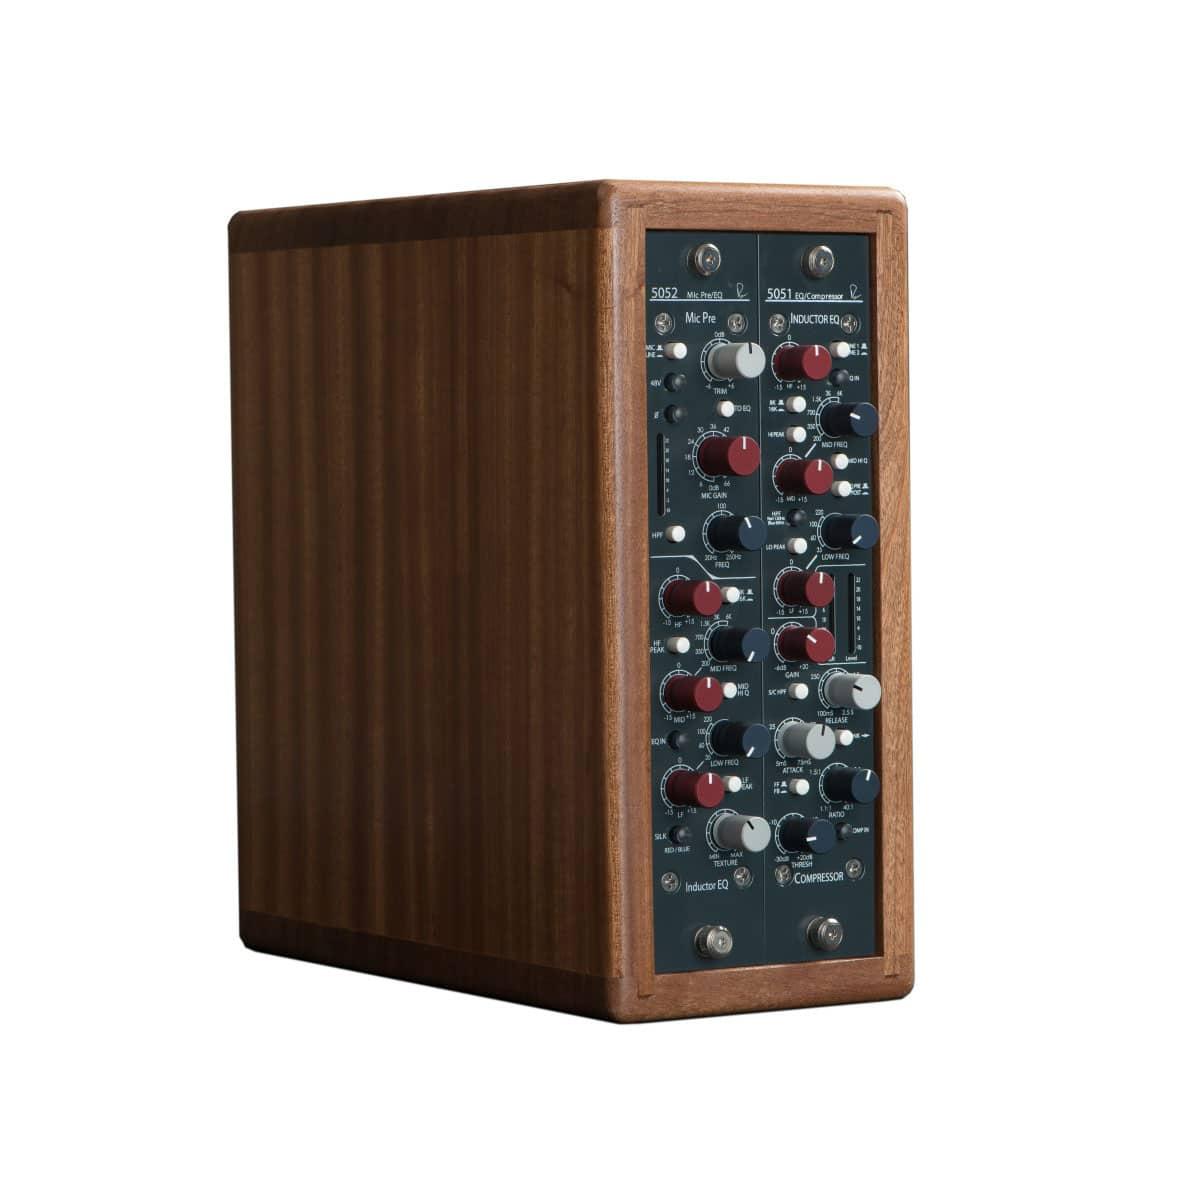 Rupert Neve Wood Rack 01 Strumentazioni Pro Audio per studi di registrazione, Accessori per il tuo Audio Professionale, Lunchbox ed accessori